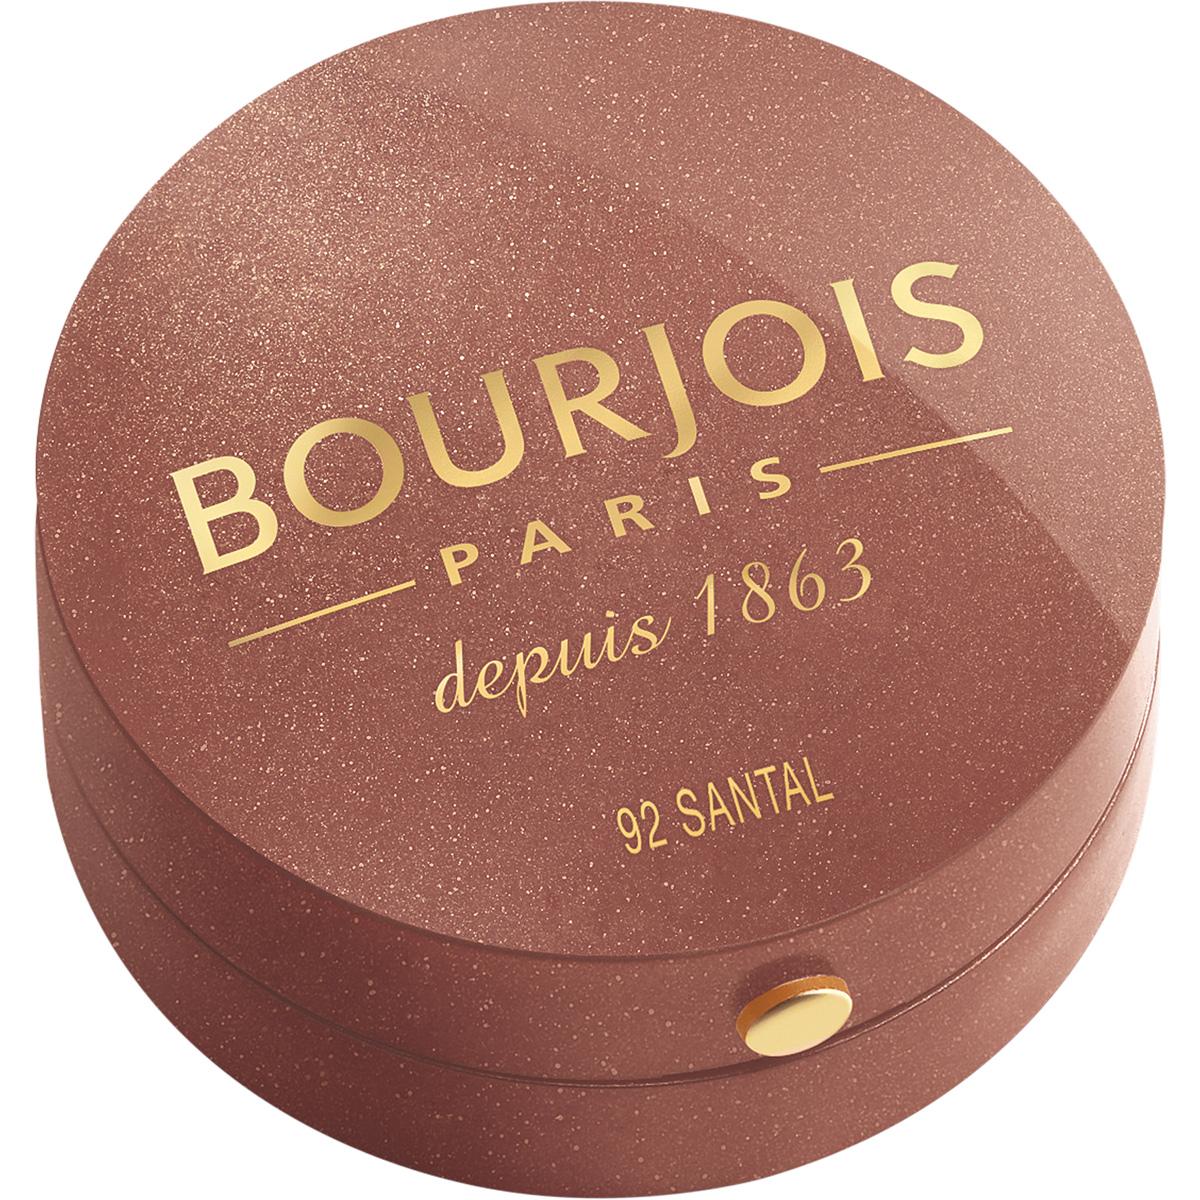 Bourjois Румяна blush 92 тон 2 мл29101562092Шелковая текстура румян при соприкосновении с кожей превращается в легкую, бархатистую пудру. Румяна невероятно легко наносятся и идеально ложатся. Твоя кожа выглядит потрясающе! Нежнейшая кисточка из натурального колонка творит чудеса! Потрясающая отдушка с ароматом розы, характерная для румян Bourjos, создает настроение легкости, а встроенное зеркальце облегчает нанесение. Cтолько соблазна в одной маленькой круглой баночке!